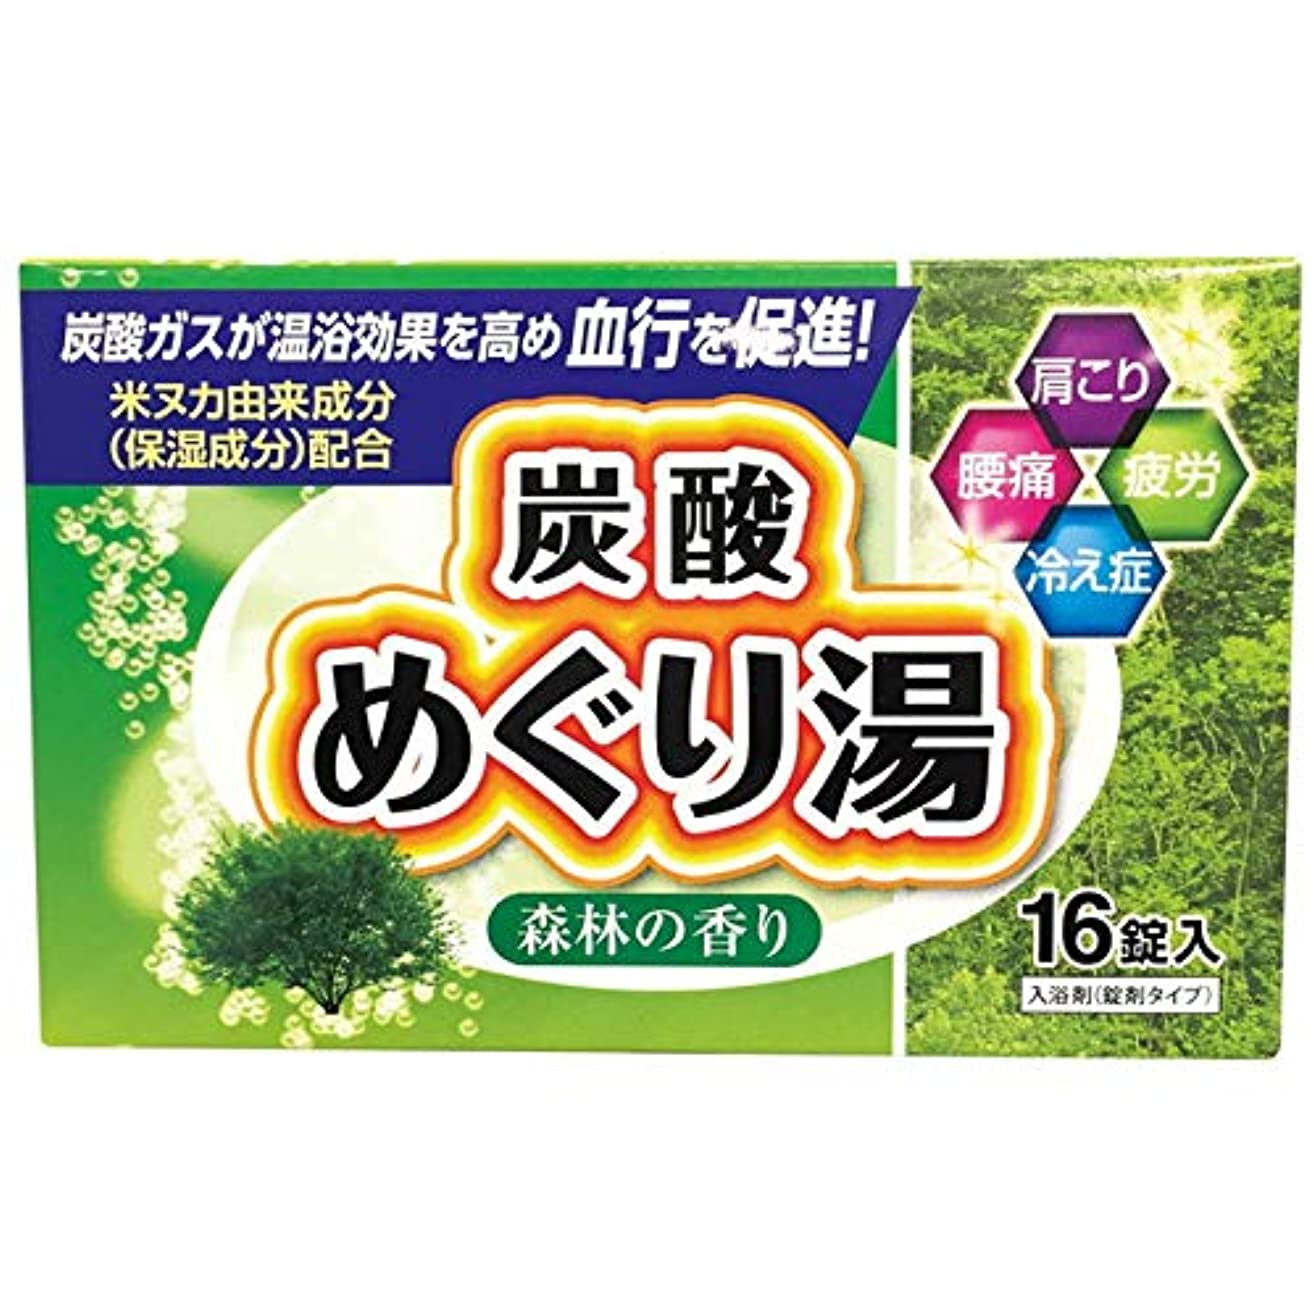 炭酸めぐり湯 森林の香り 16錠